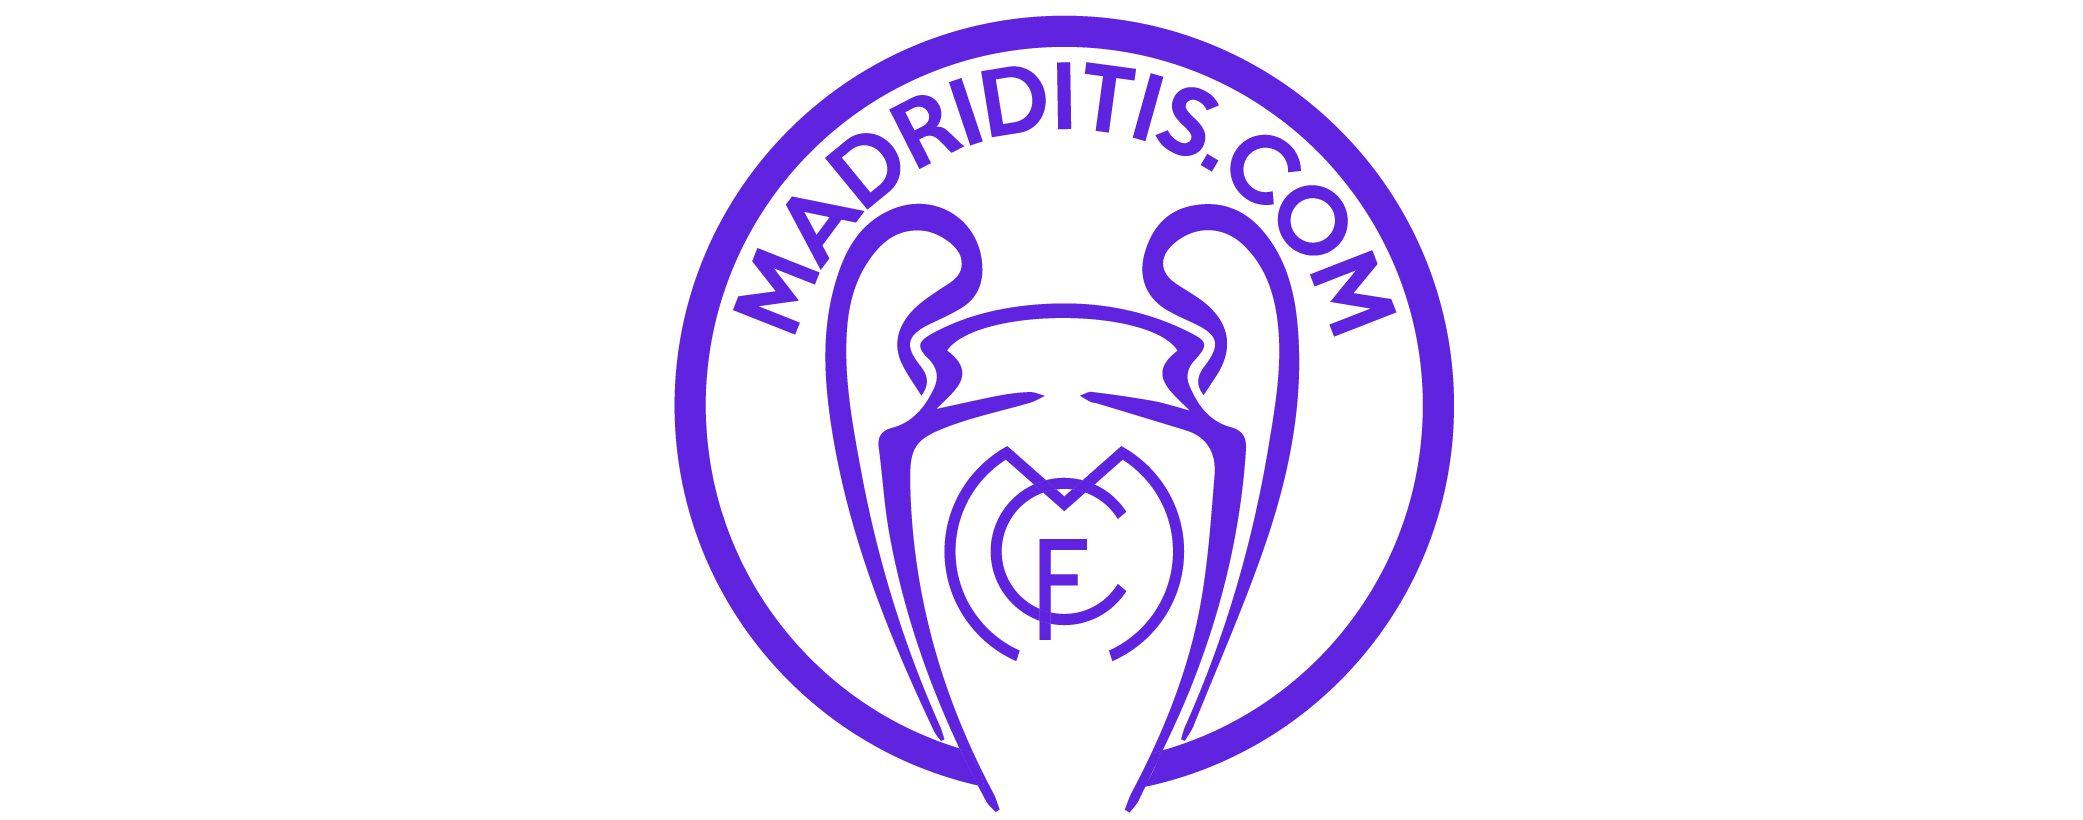 Madriditis.com